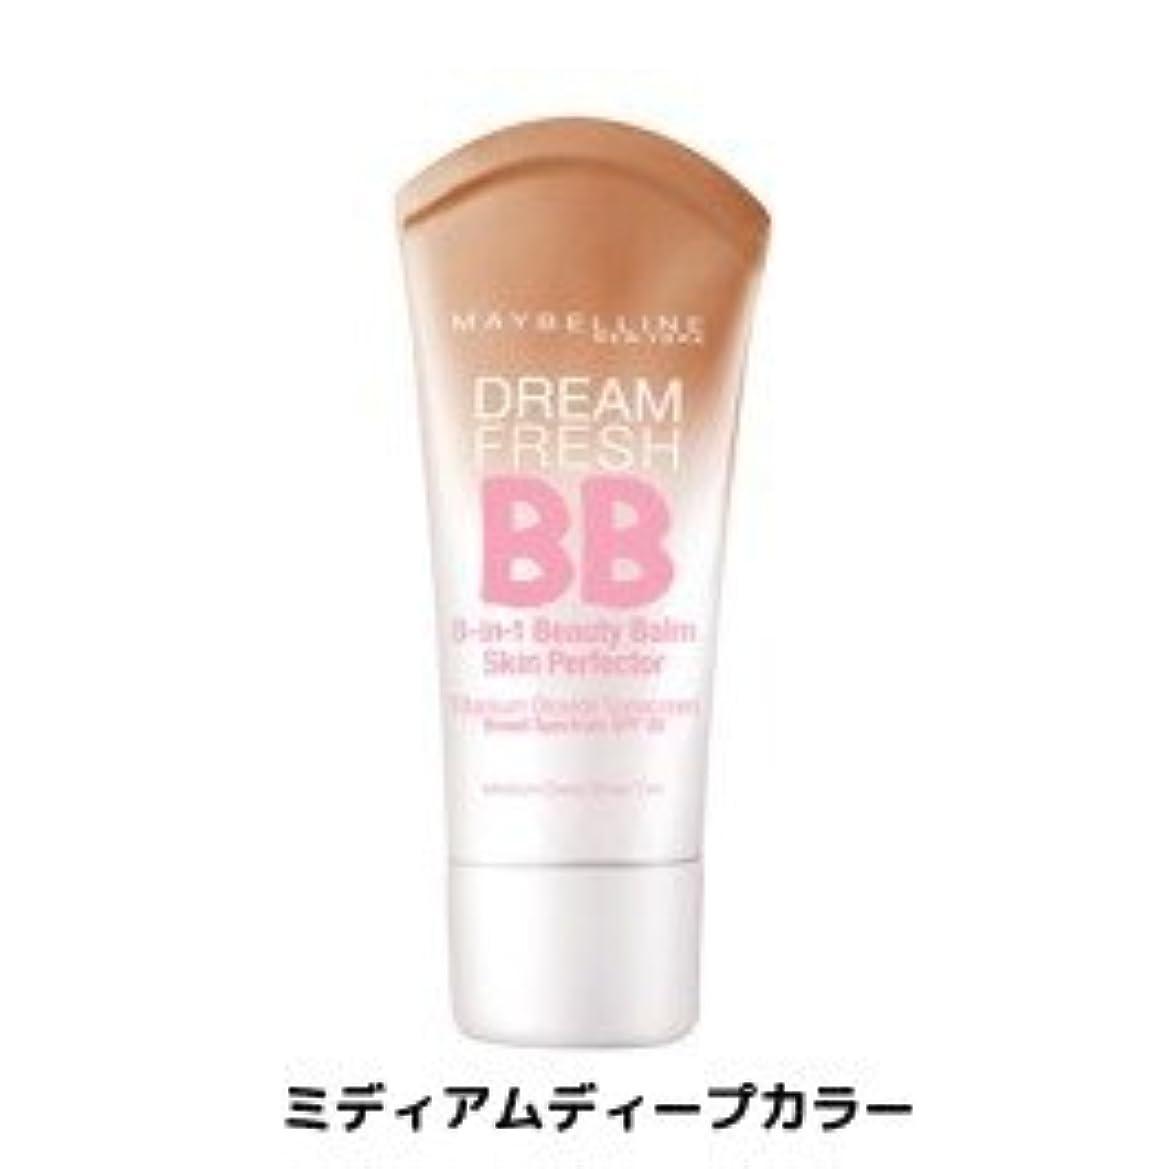 類人猿かもしれない使い込むメイベリン BBクリーム  SPF 30*Maybelline Dream Fresh BB Cream 30ml【平行輸入品】 (ミディアムディープカラー)